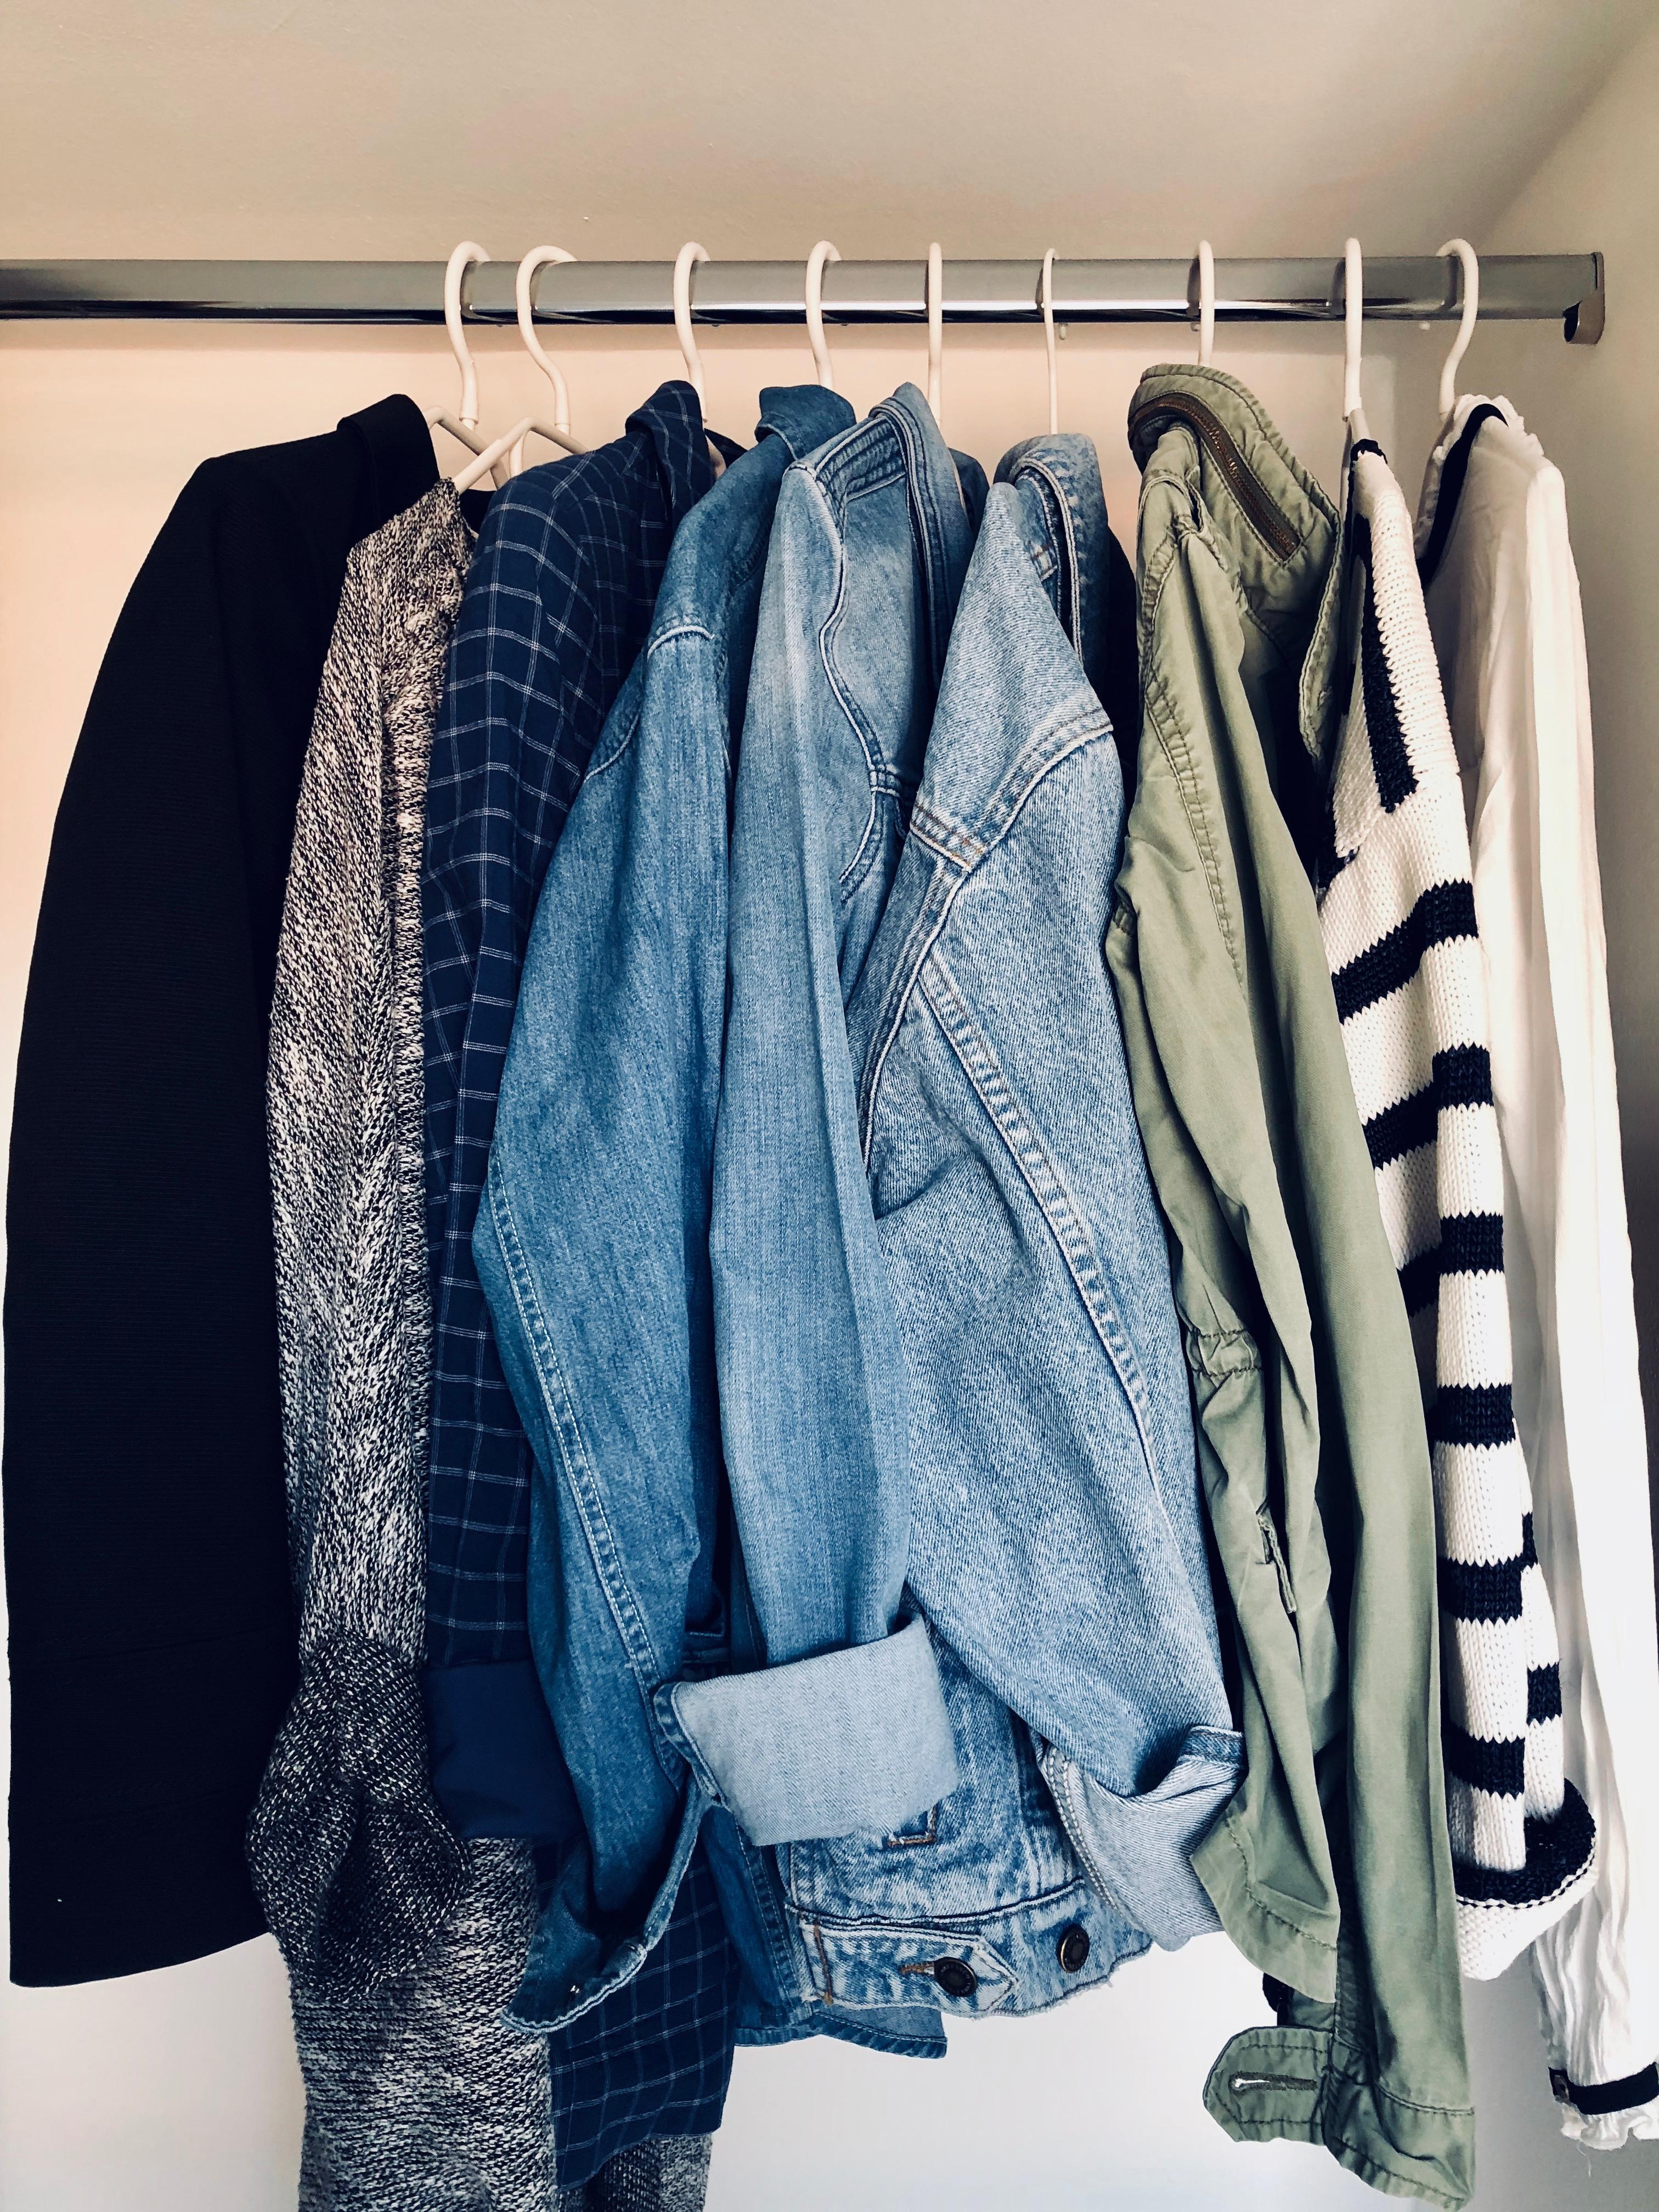 Challenges können dir dabei helfen, deinen Kleiderschrank zu verkleinern. -Fotocredit: Lisa Radda